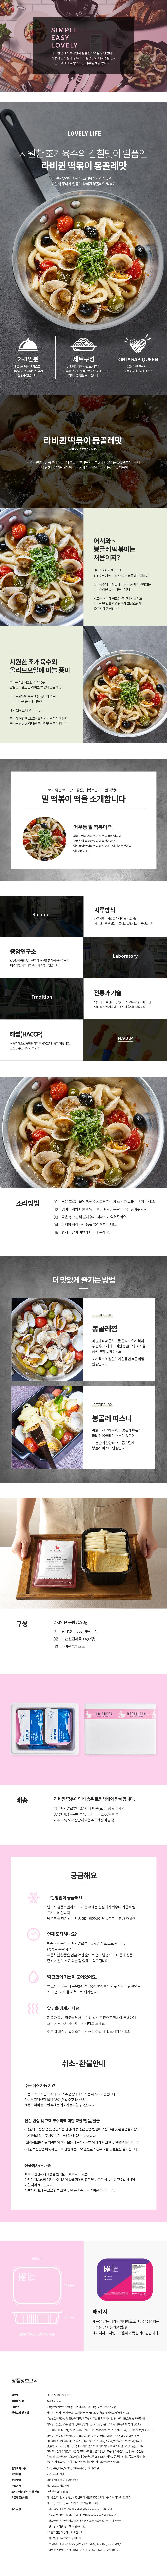 3인분 라비퀸 떡볶이 봉골레맛 세트 - 라비퀸, 6,500원, 간편조리식품, 떡볶이/순대